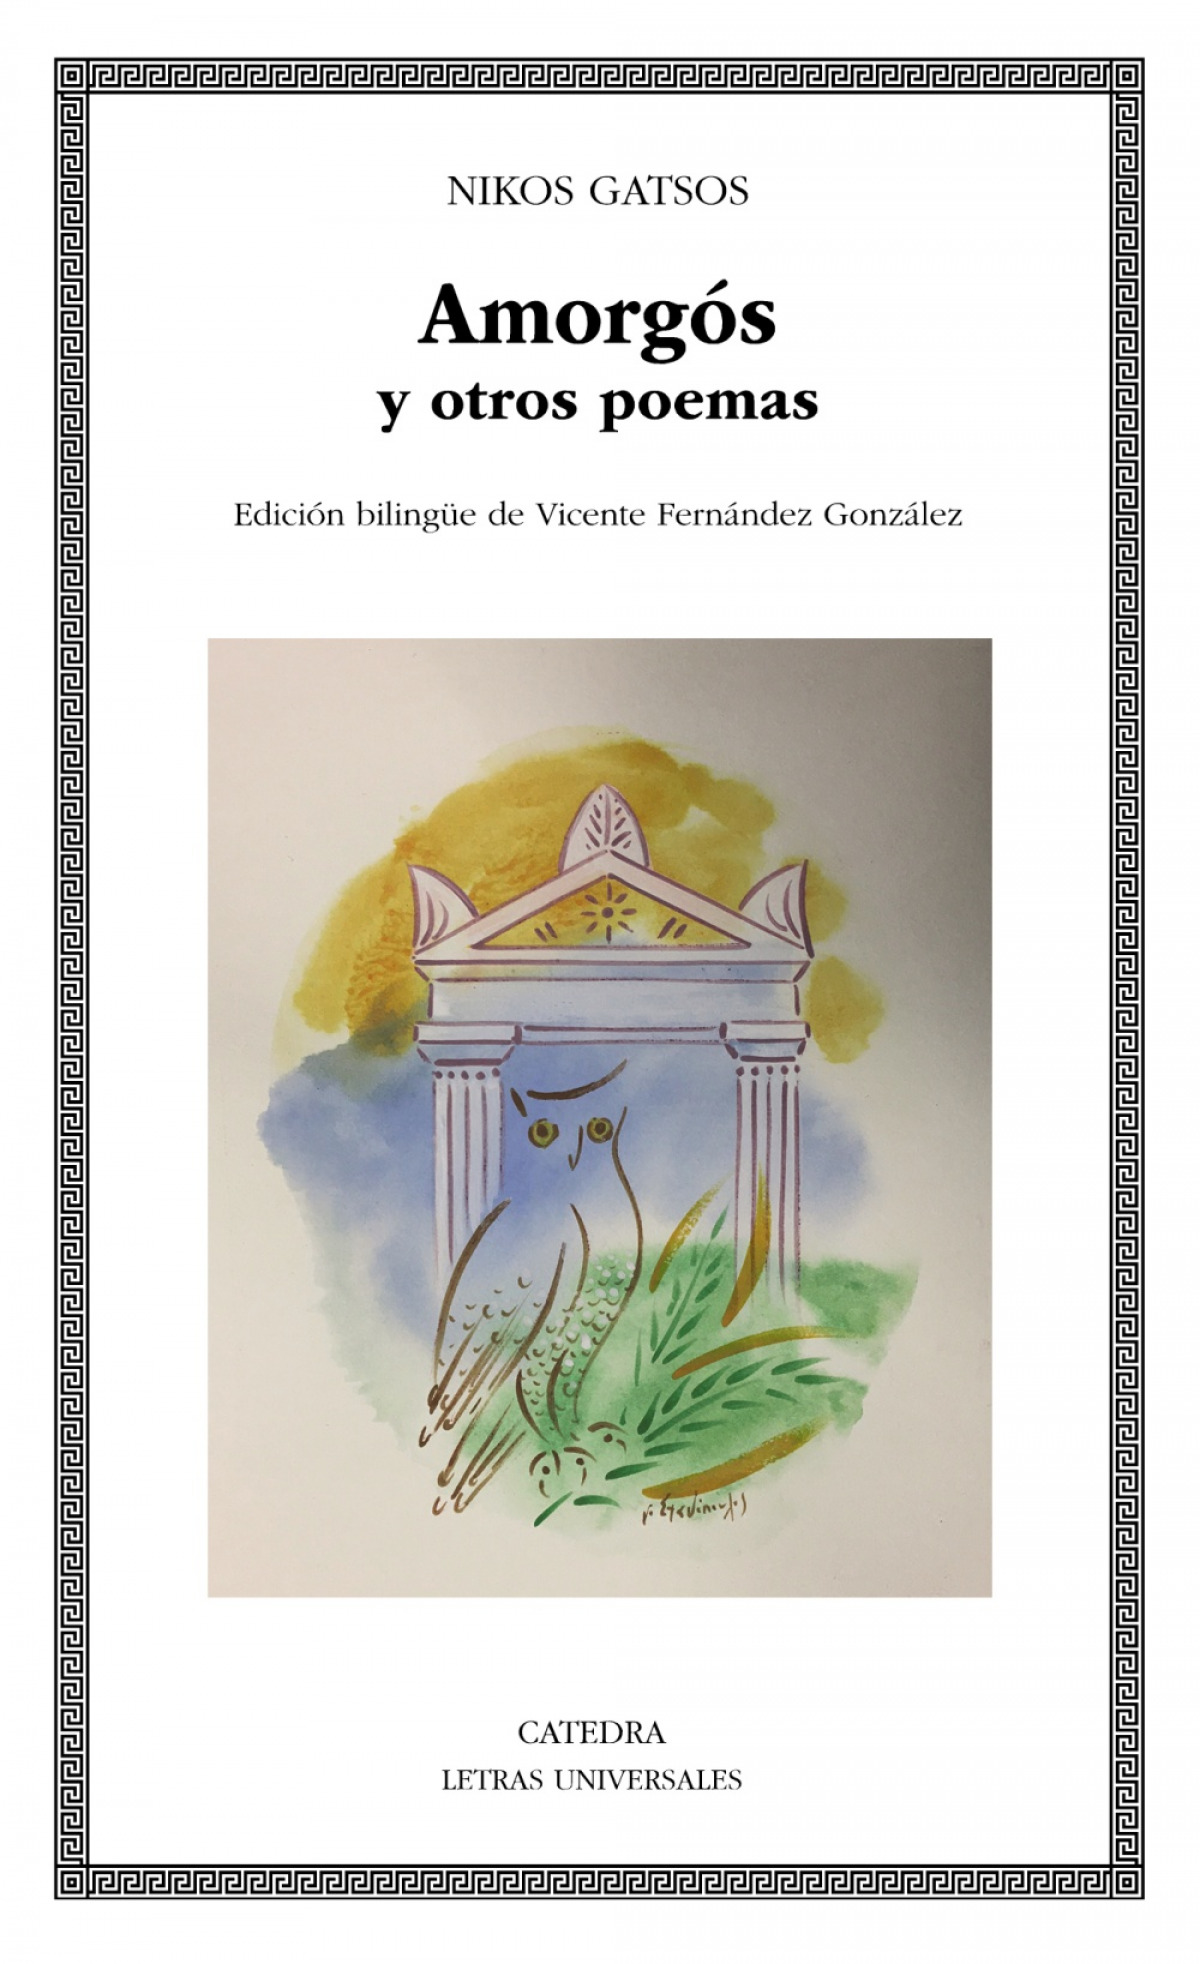 Amorgós y otros poemas